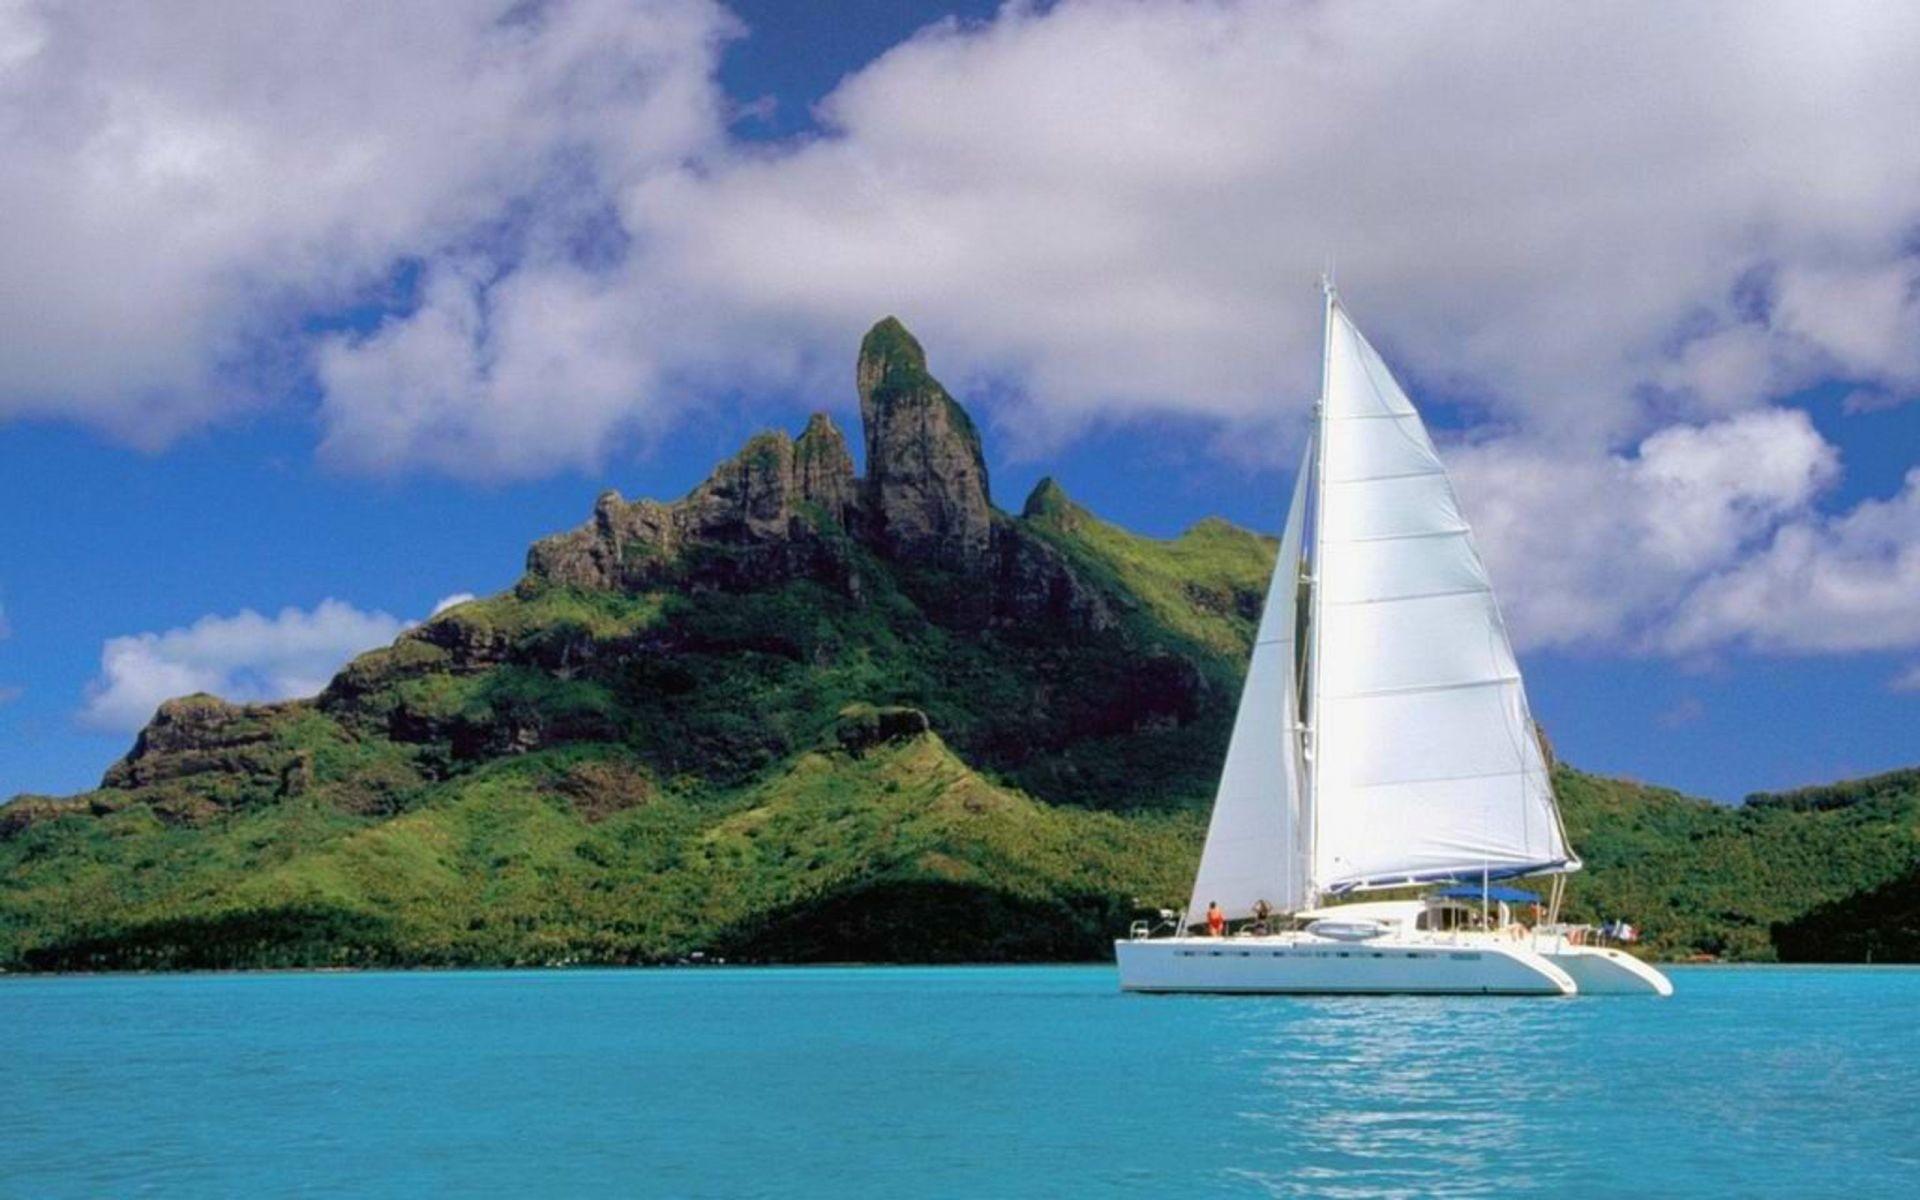 sailboats wallpaper 48 images